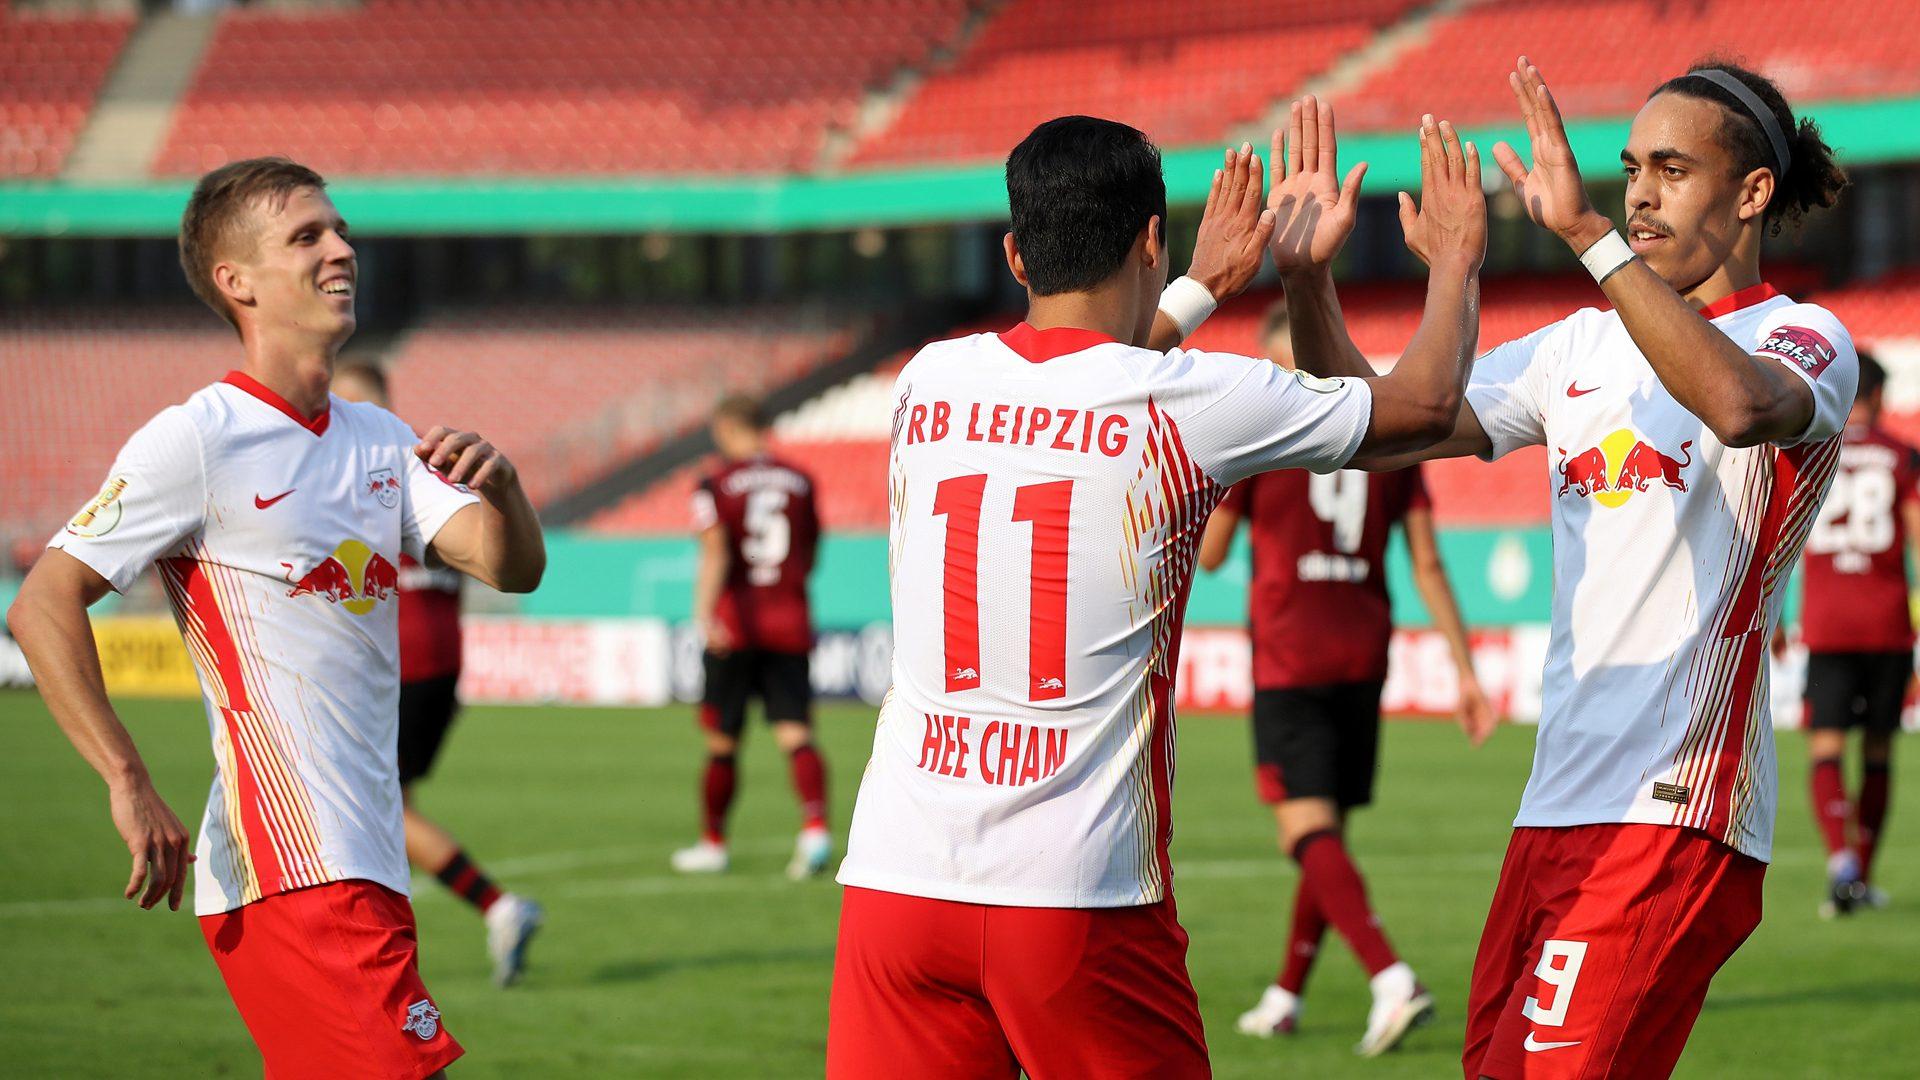 Bundesliga Hwang Hee Chan Scores Debut Goal For Rb Leipzig In Nuremberg